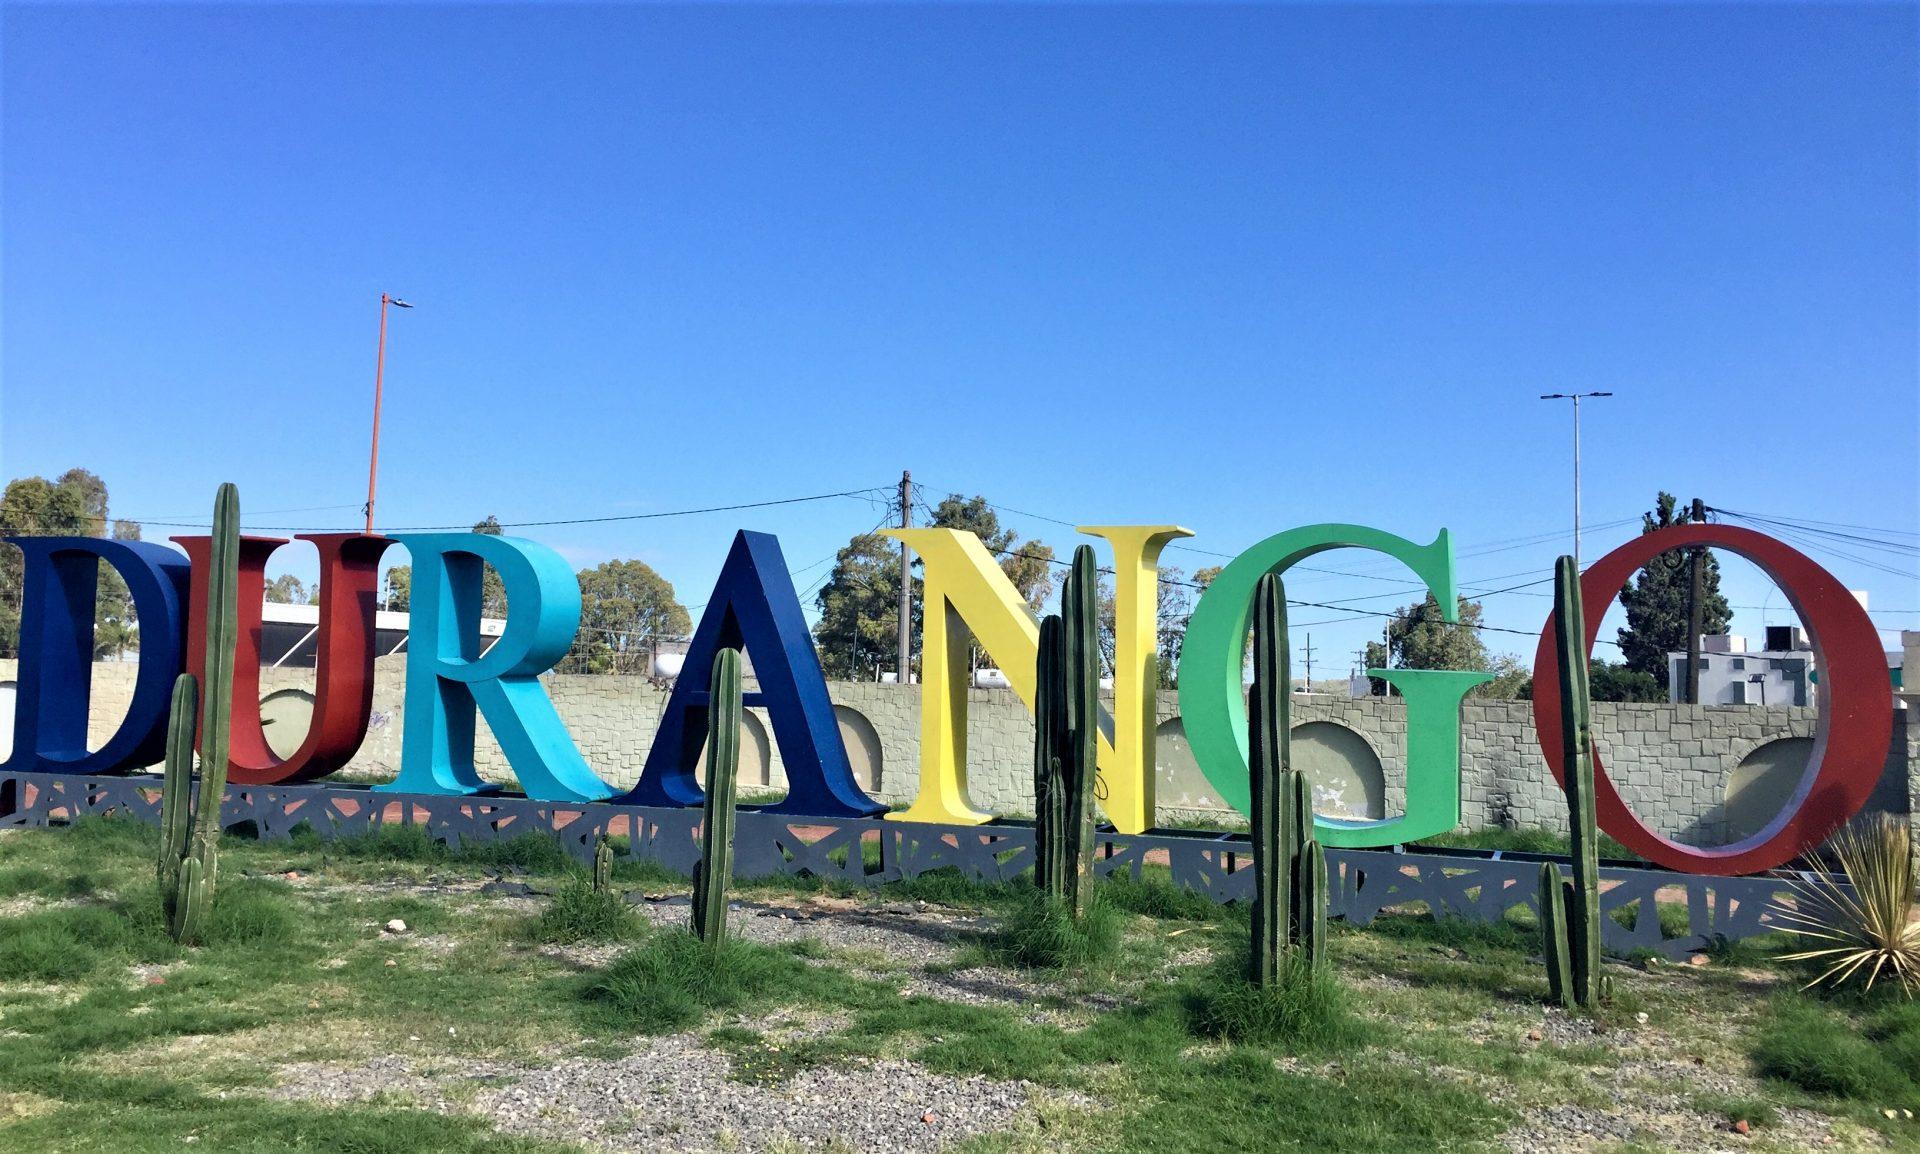 Durango Mexico Part 2 (Aug 18 to 24)